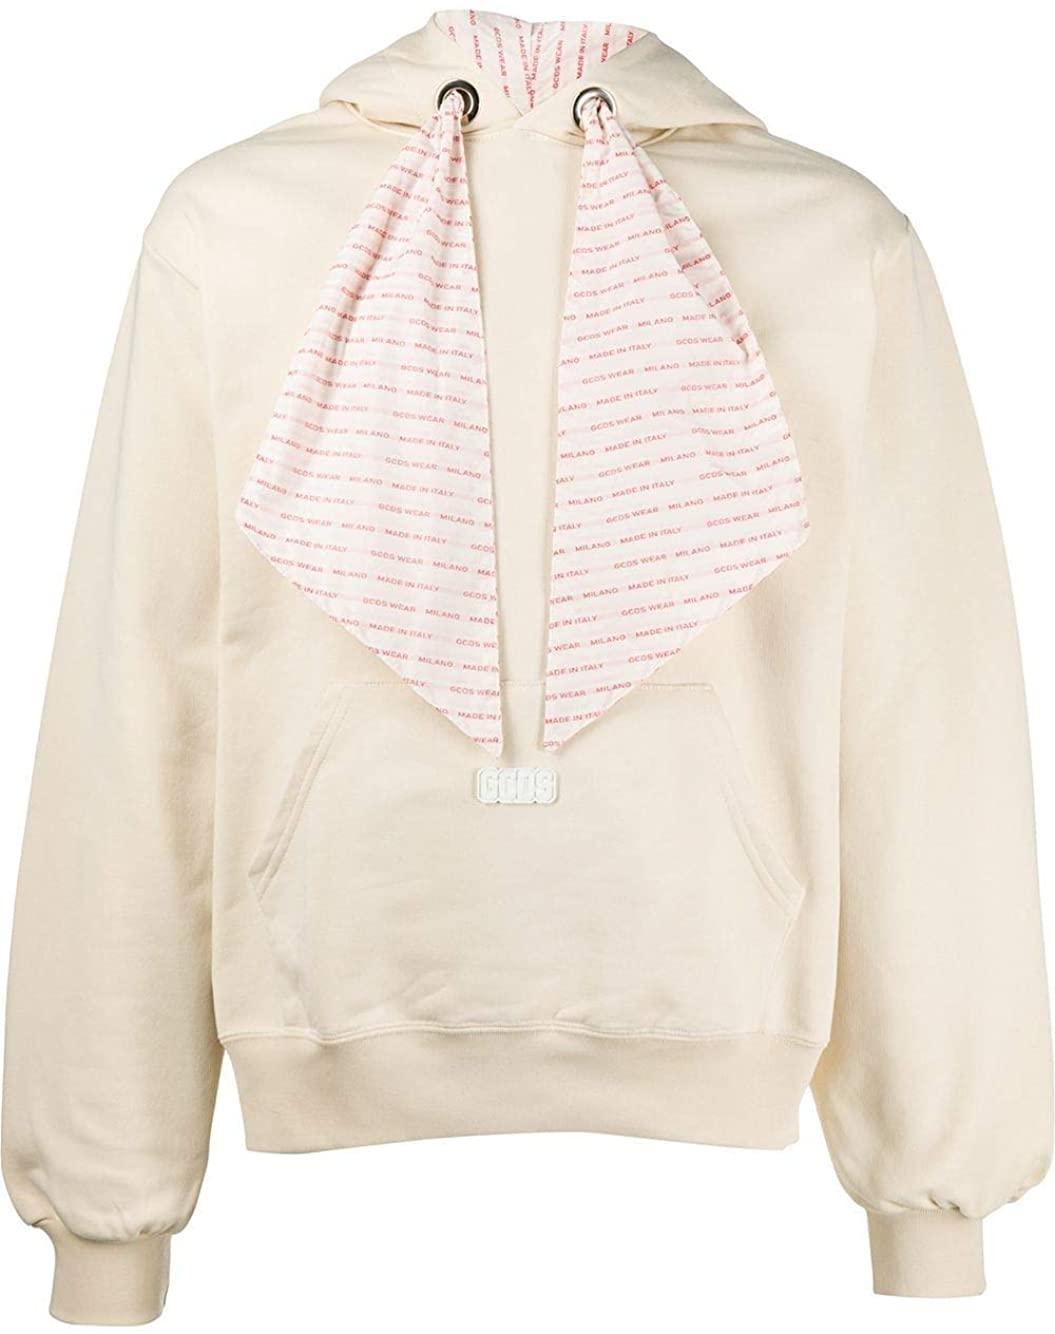 GCDS Luxury Fashion Man SS20M02005601 White Cotton Sweatshirt | Spring Summer 20